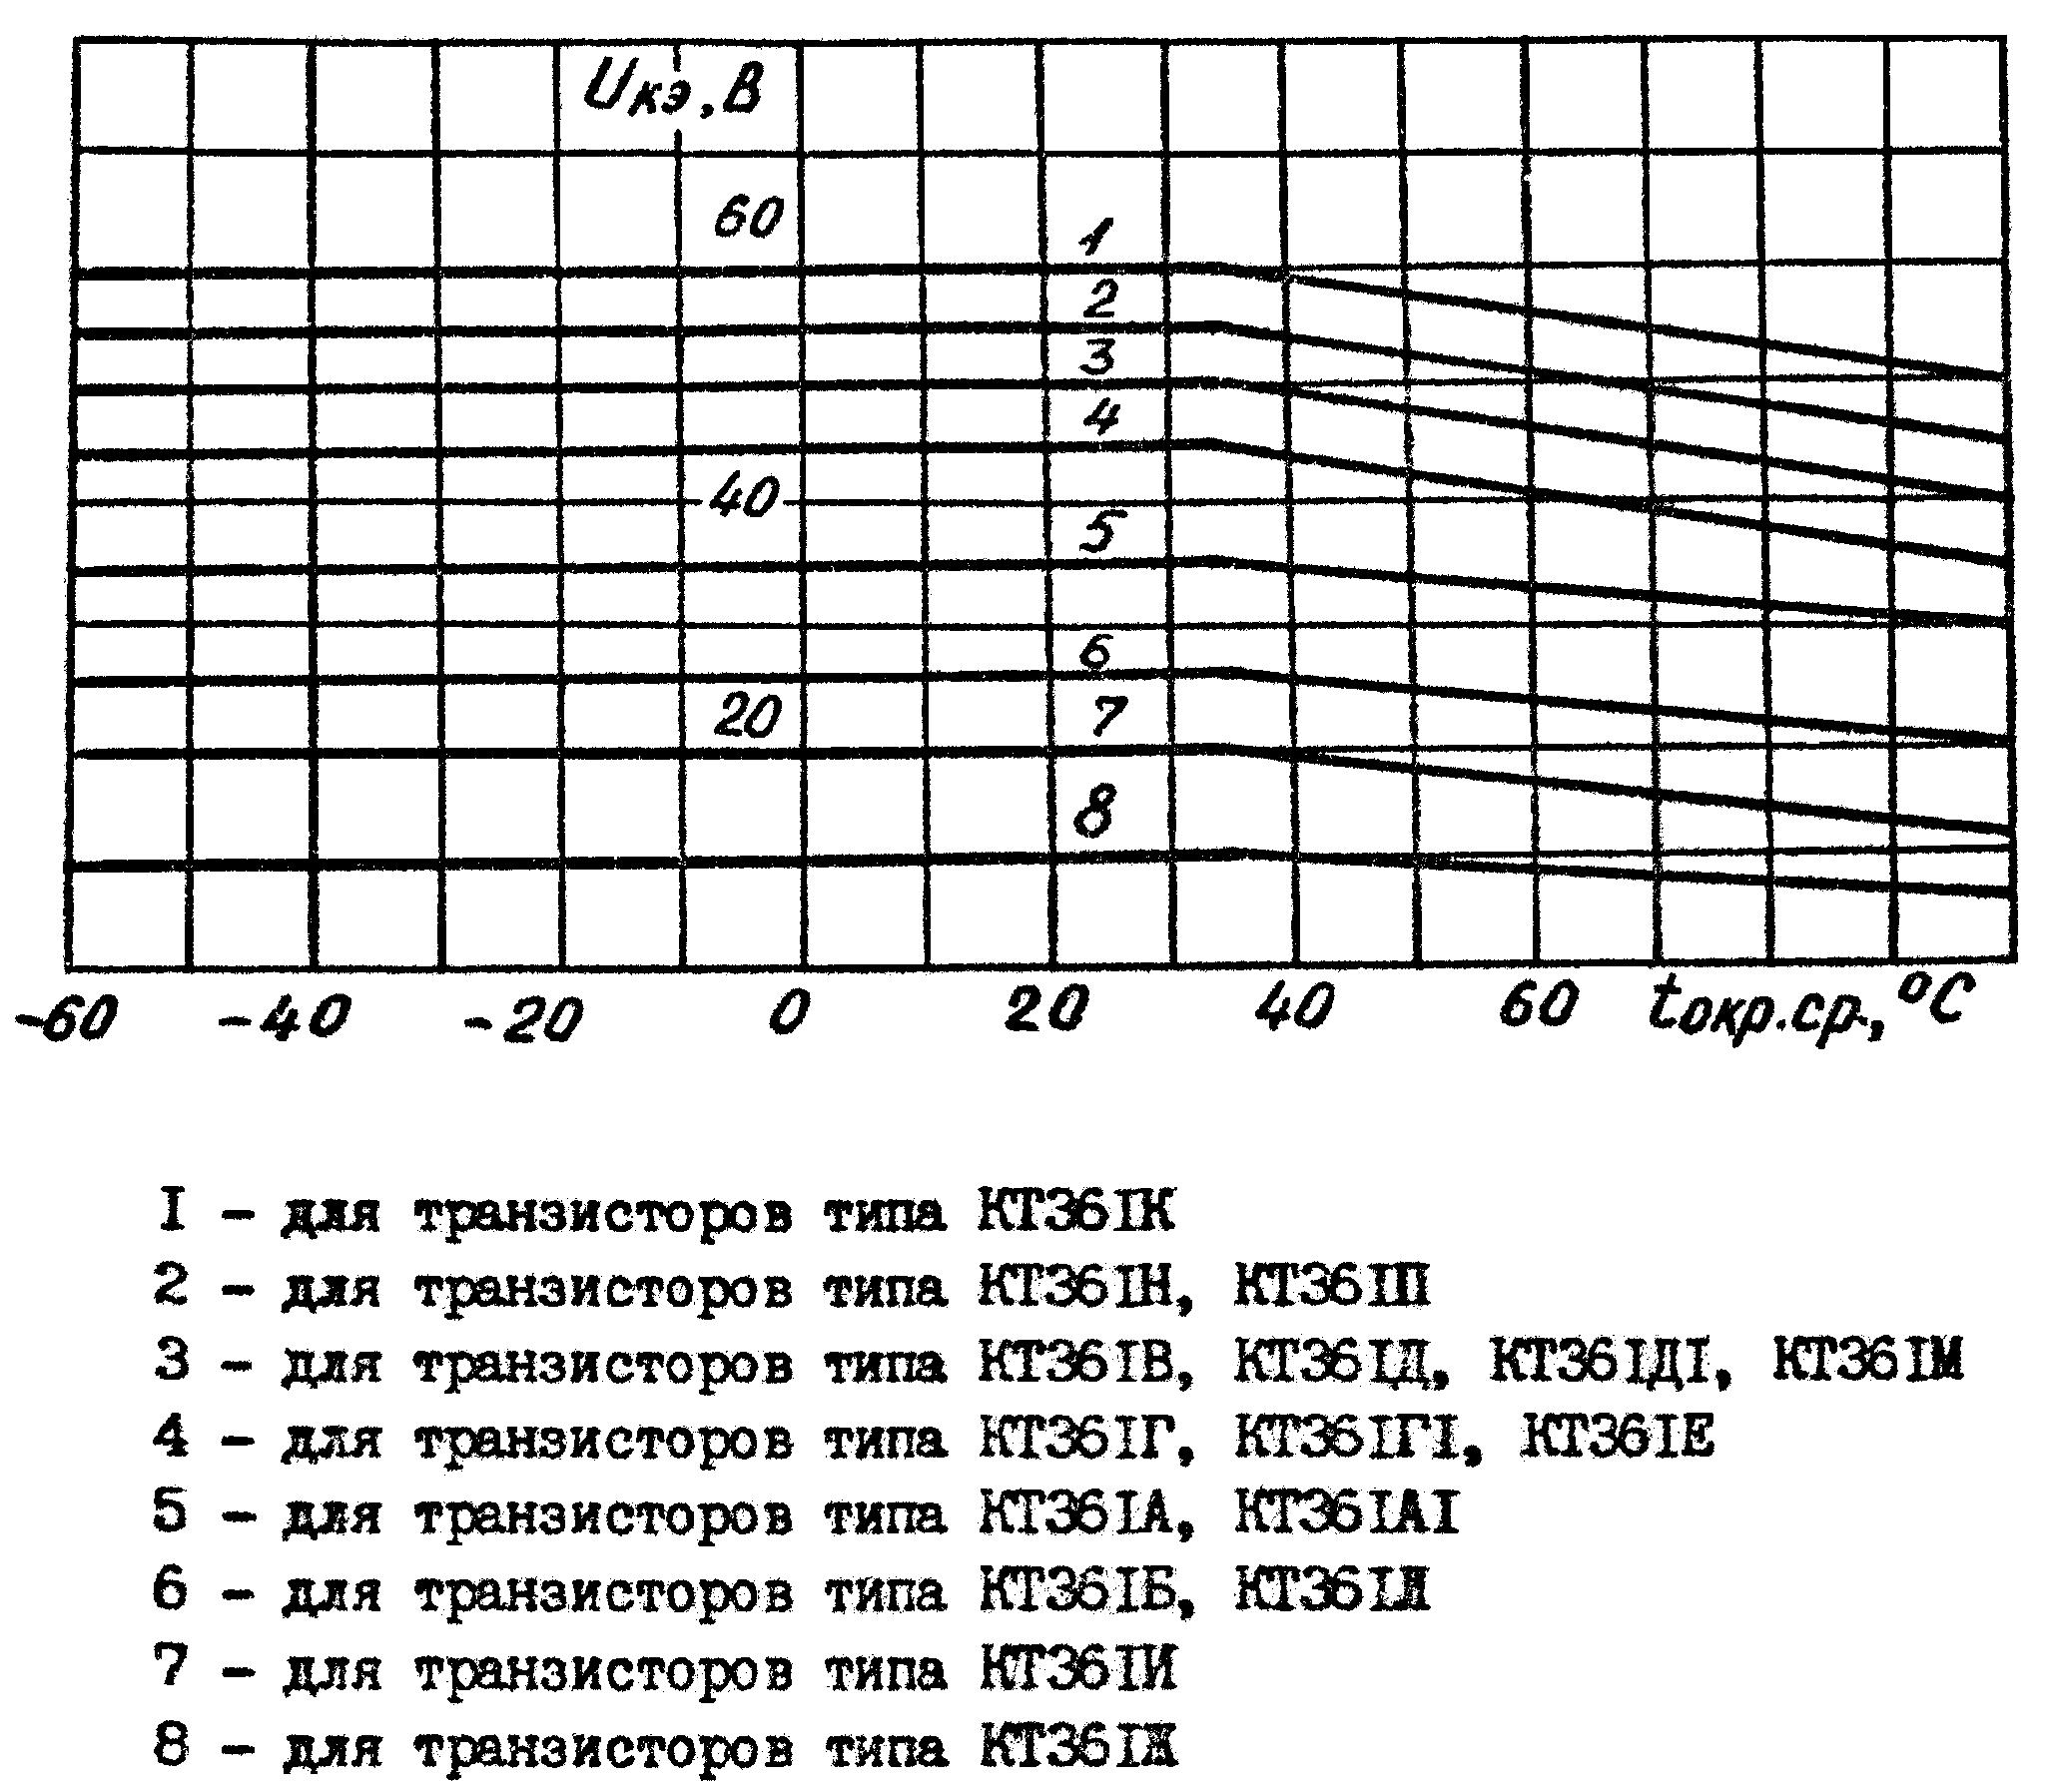 Зависимость максимально допустимого напряжения между коллектором и эмиттером транзистора КТ361 от температуры окружающей среды